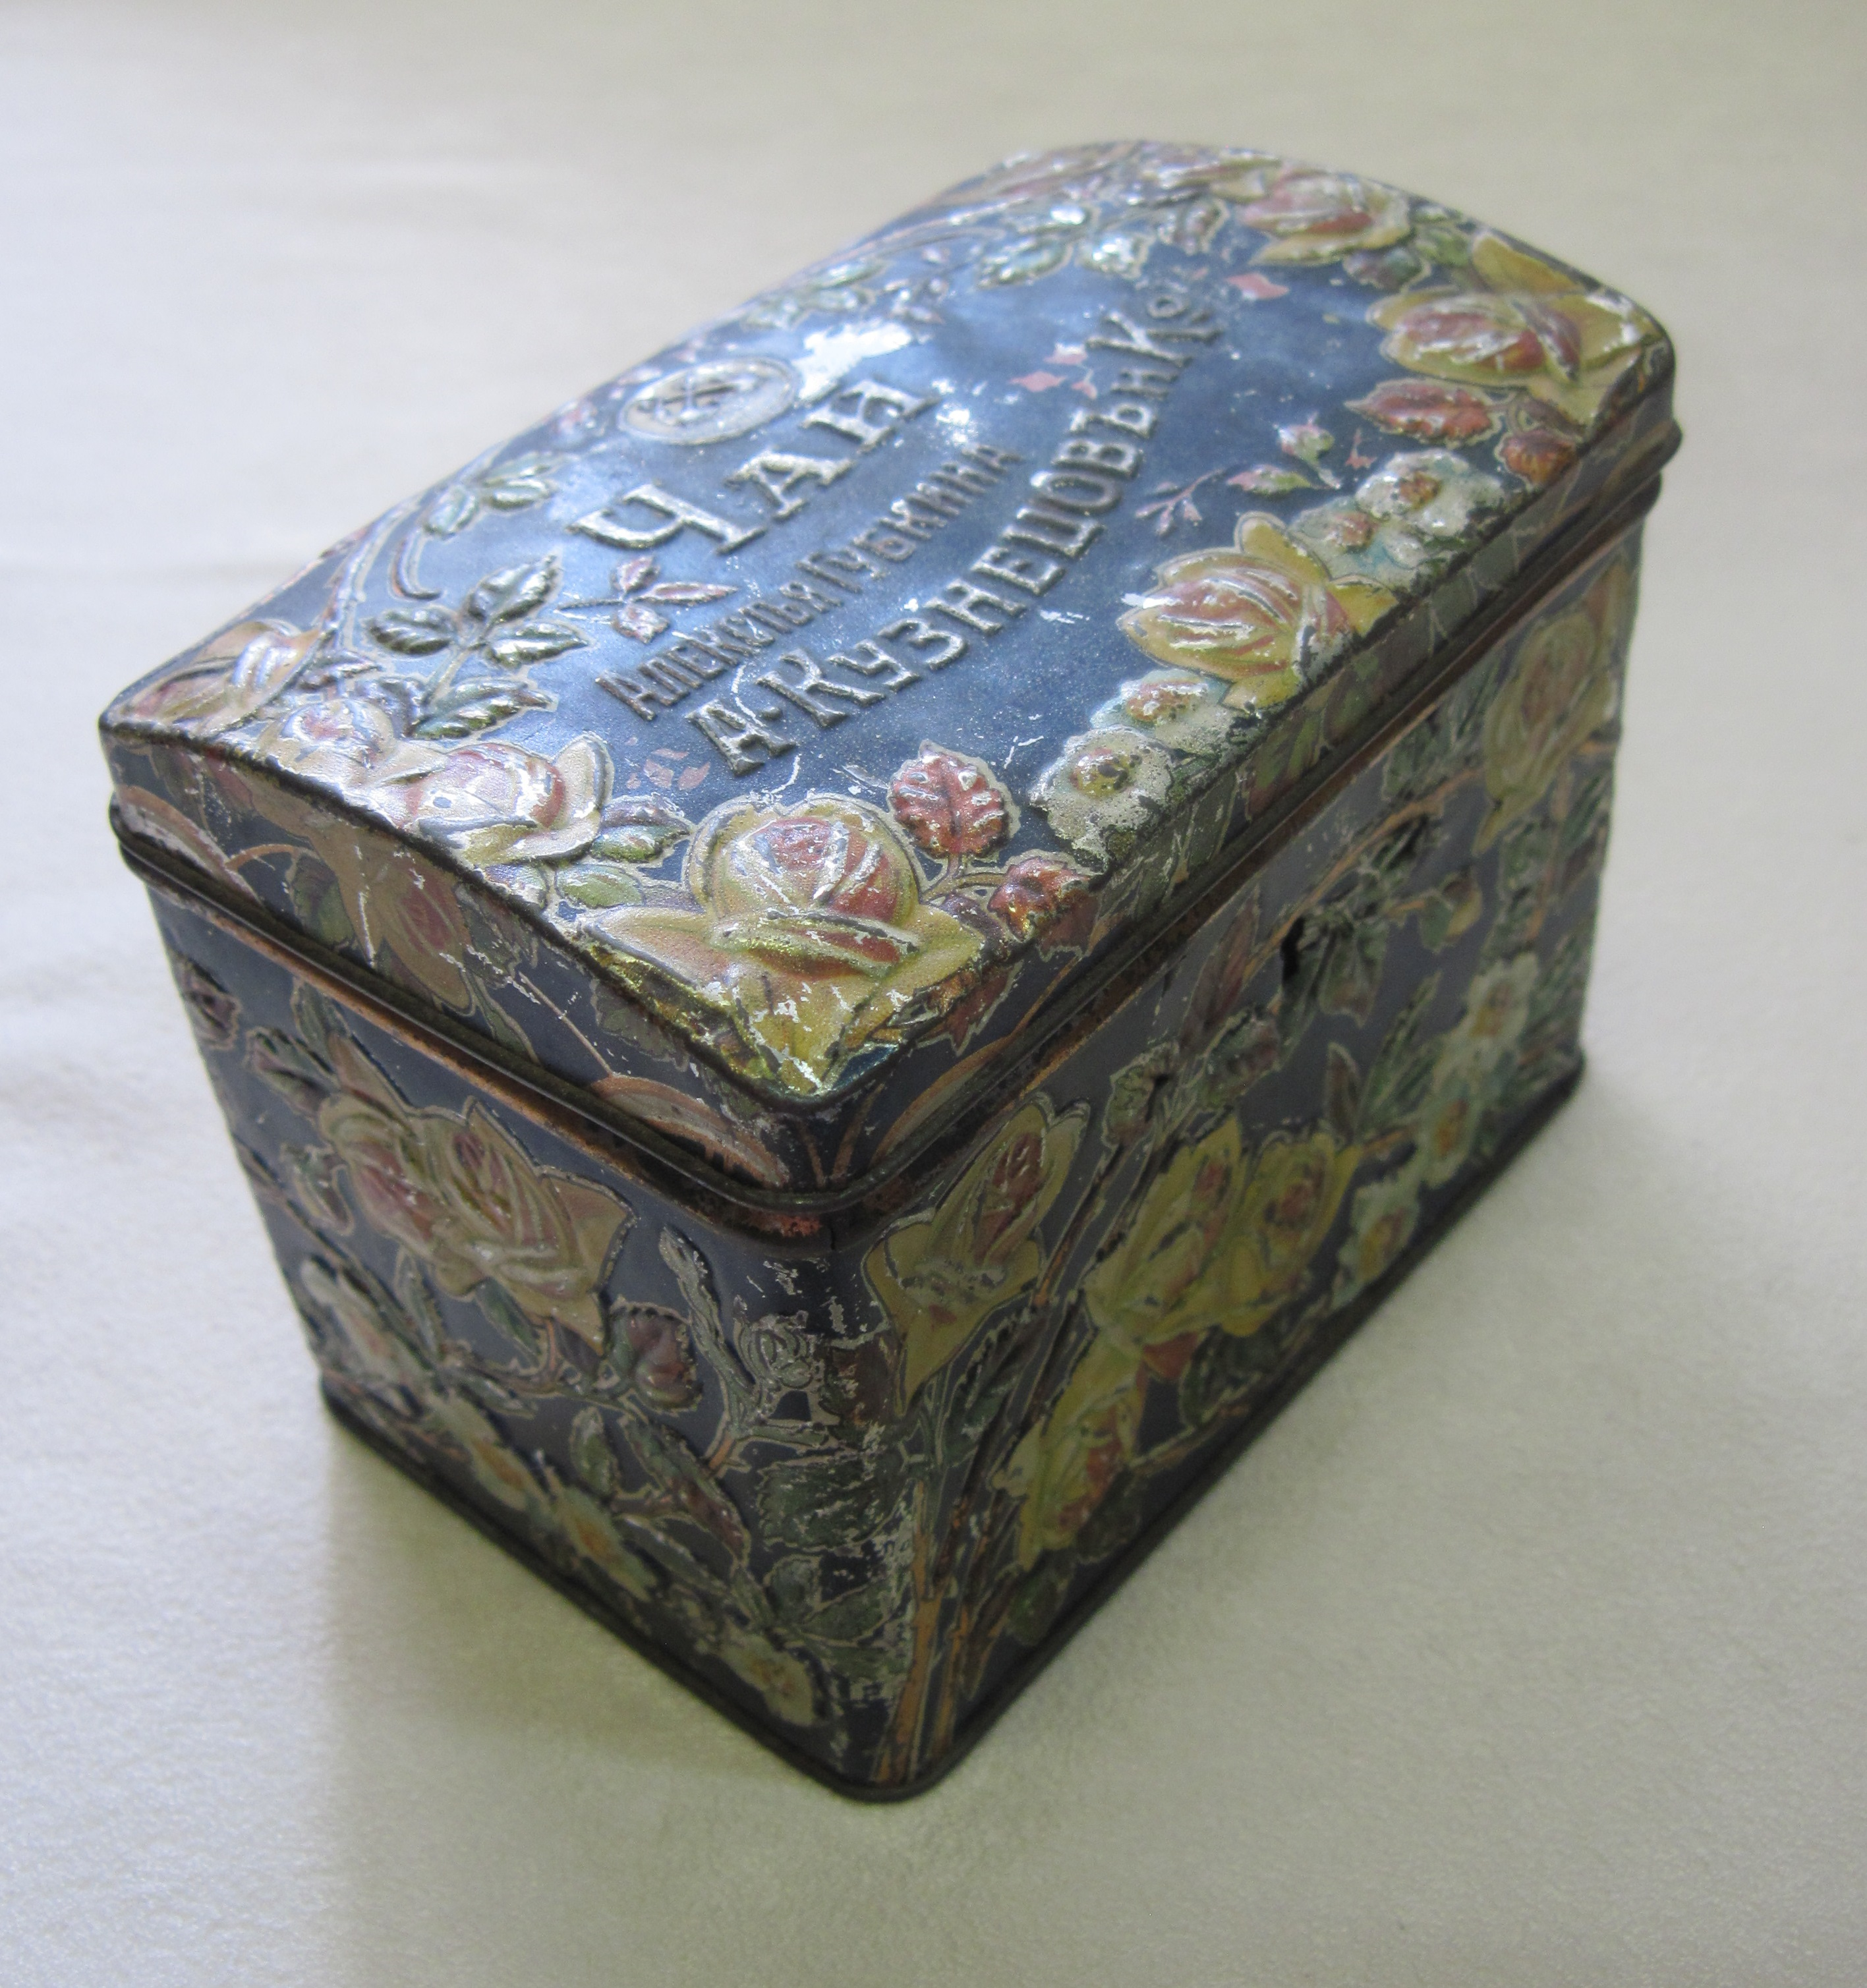 Коробка прямоугольная с двойной откидной крышкой. Общий фон синий. Рельефный цветочный узор на крышке и боковых стенках. На крышке торговый знак в виде двух якорей, надписи.